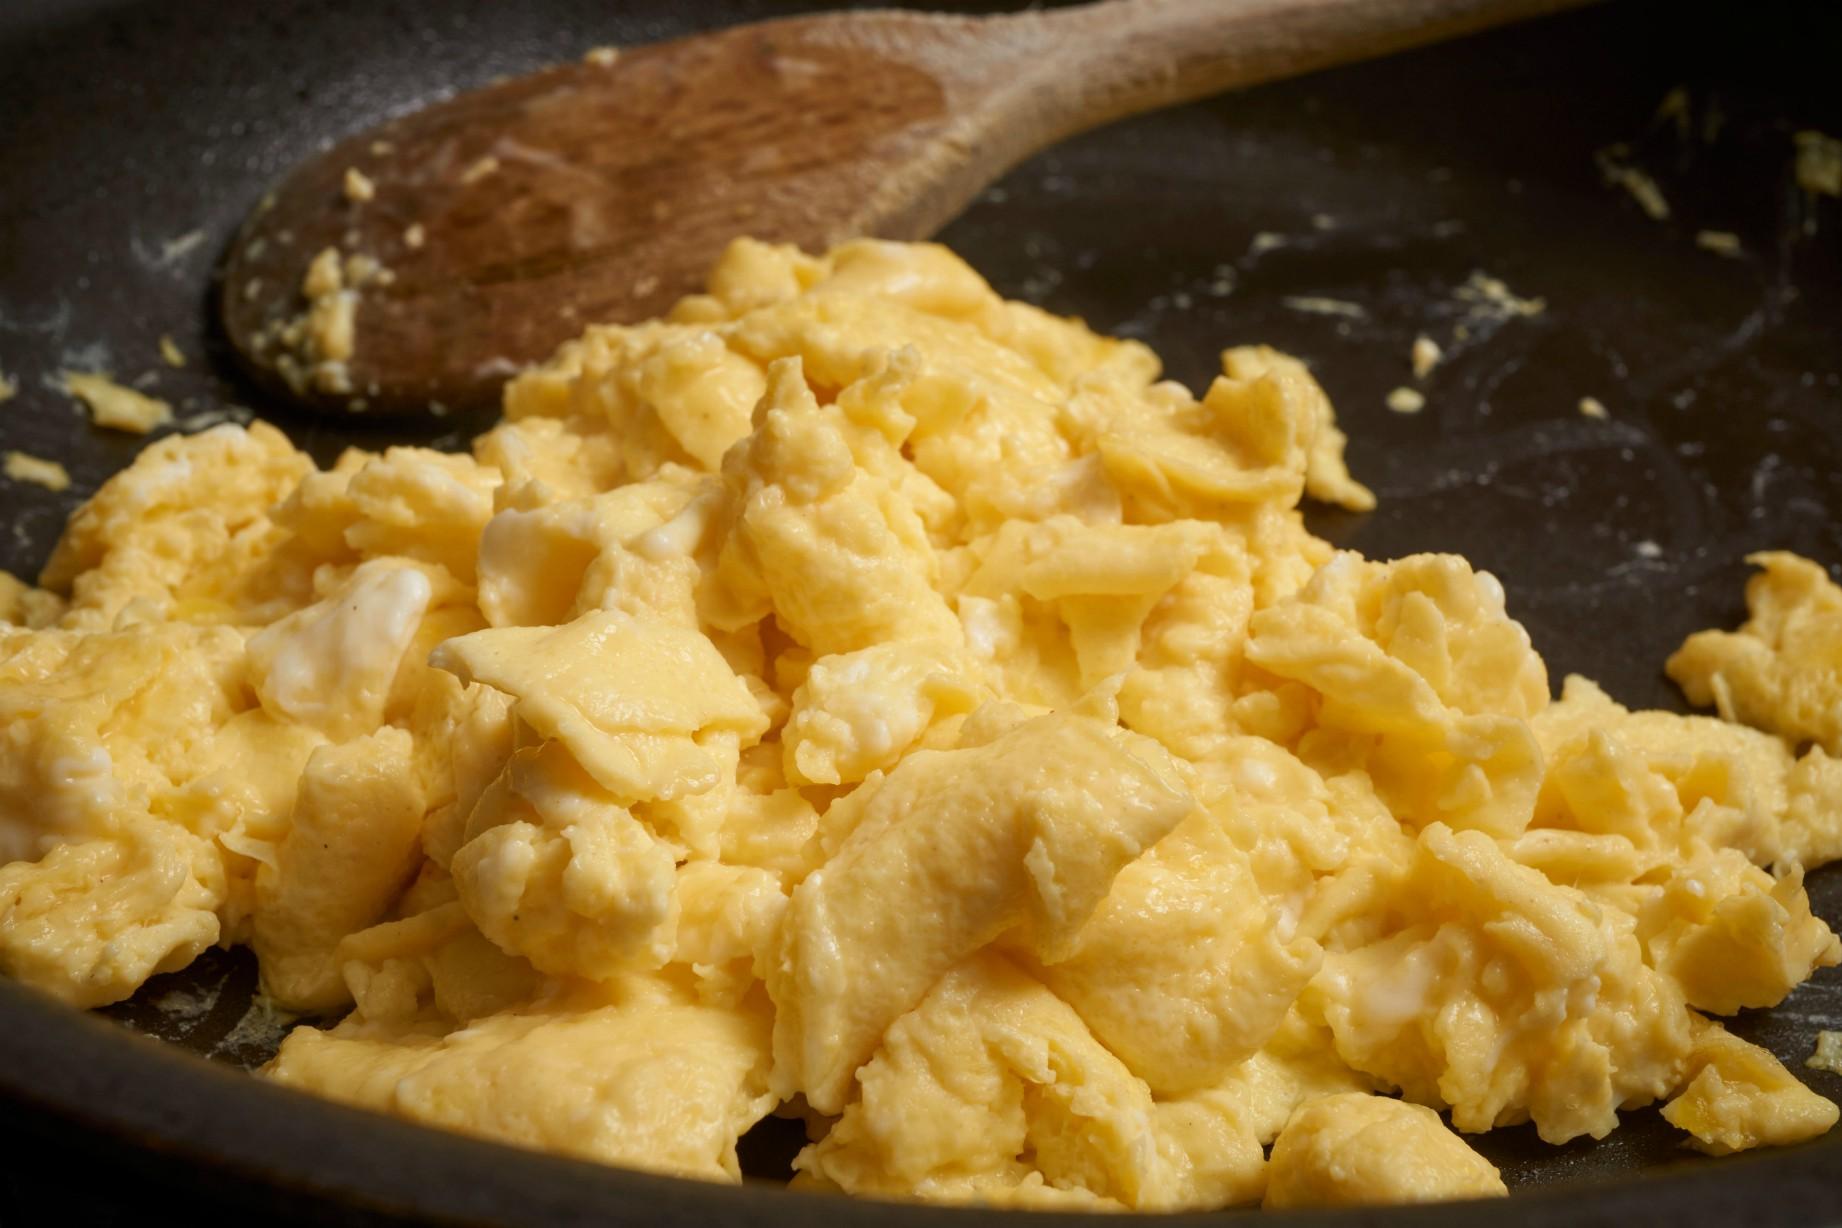 How to make scrambled egg